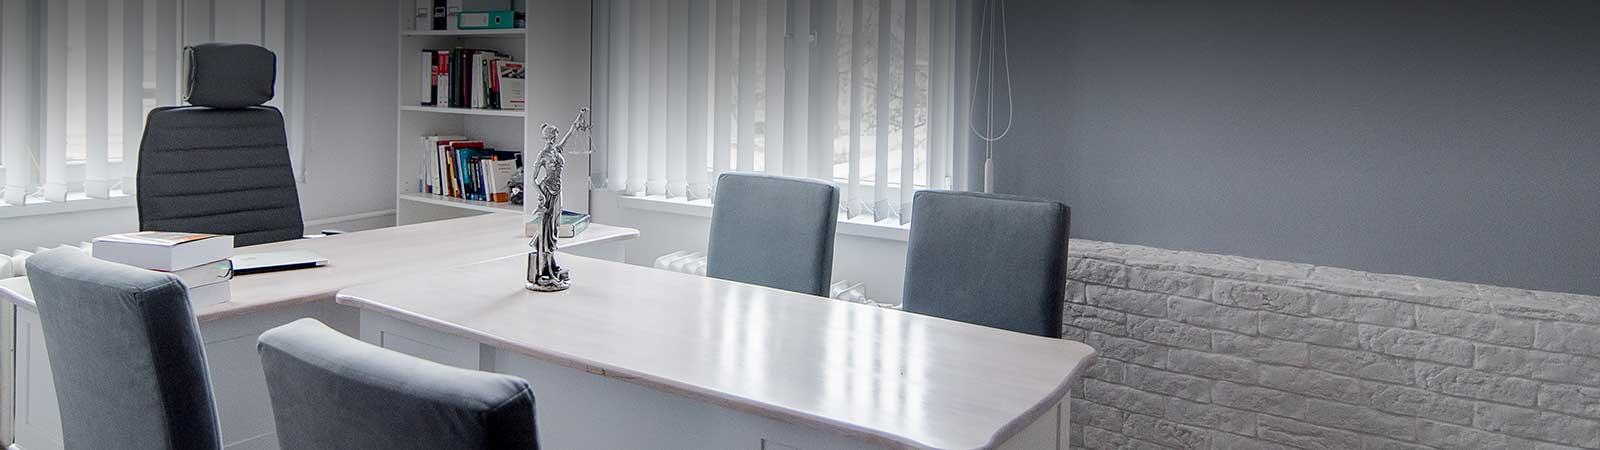 Kontakt z kancelarią - Kancelaria Prawna